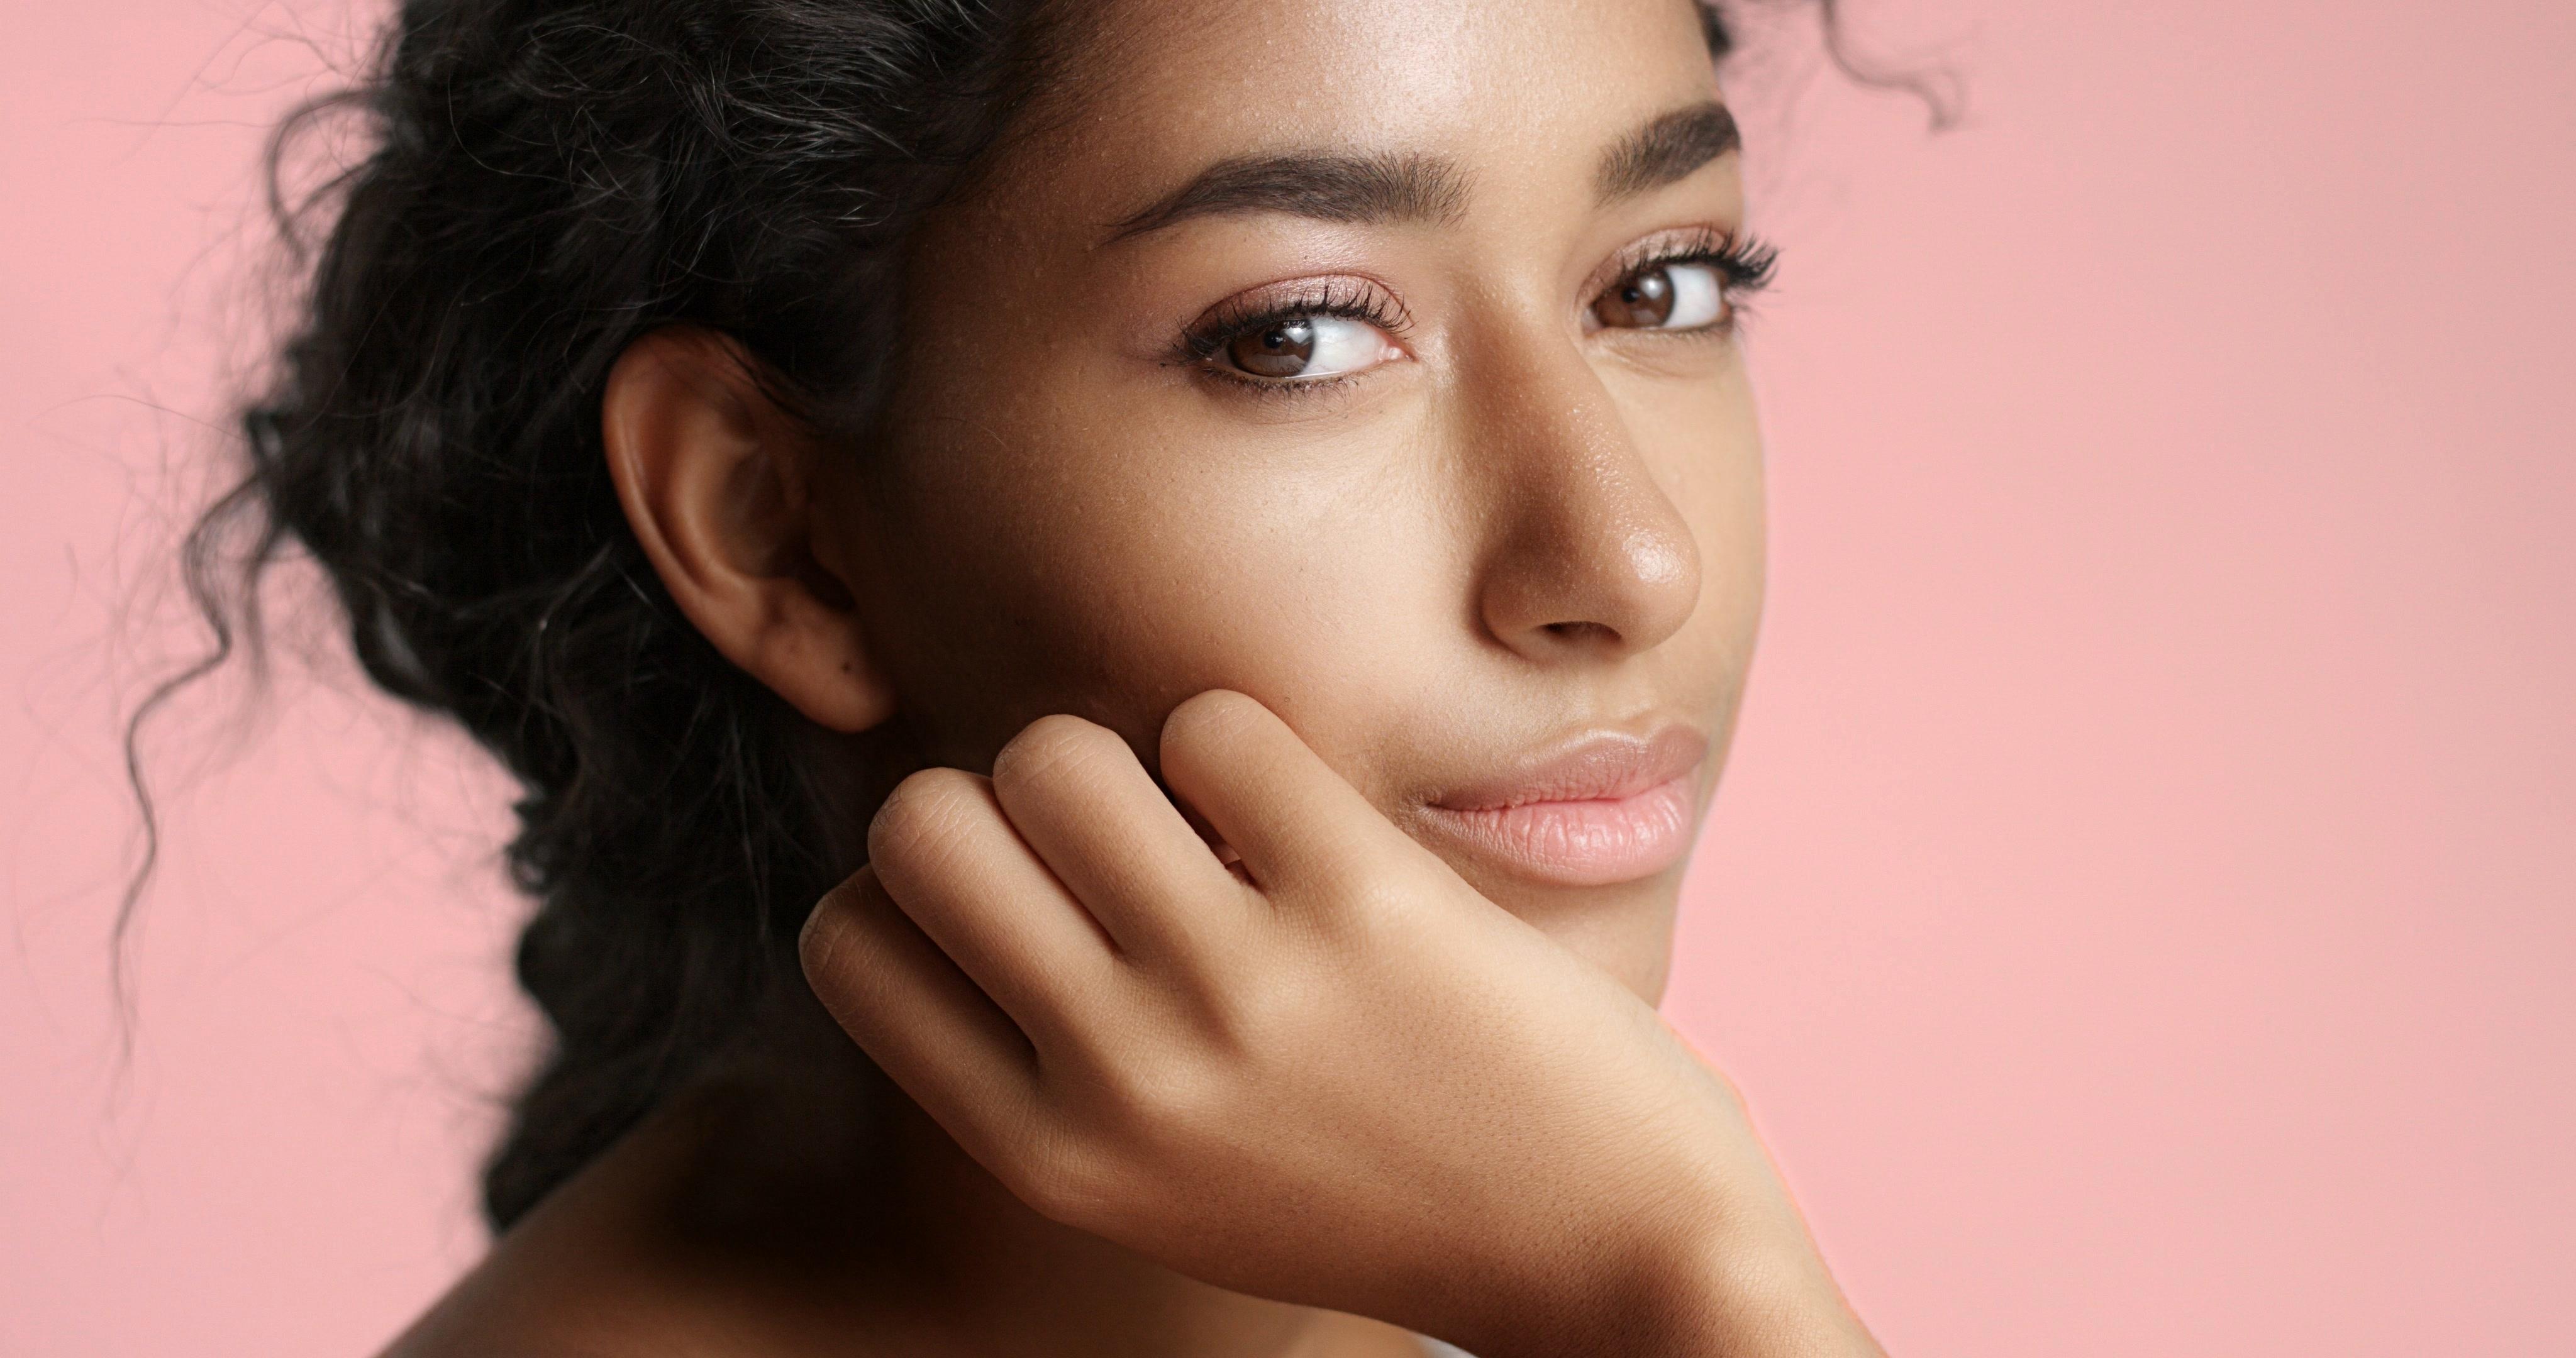 Tips de belleza: 6 hábitos que debes evitar para cuidar la salud de tus ojos